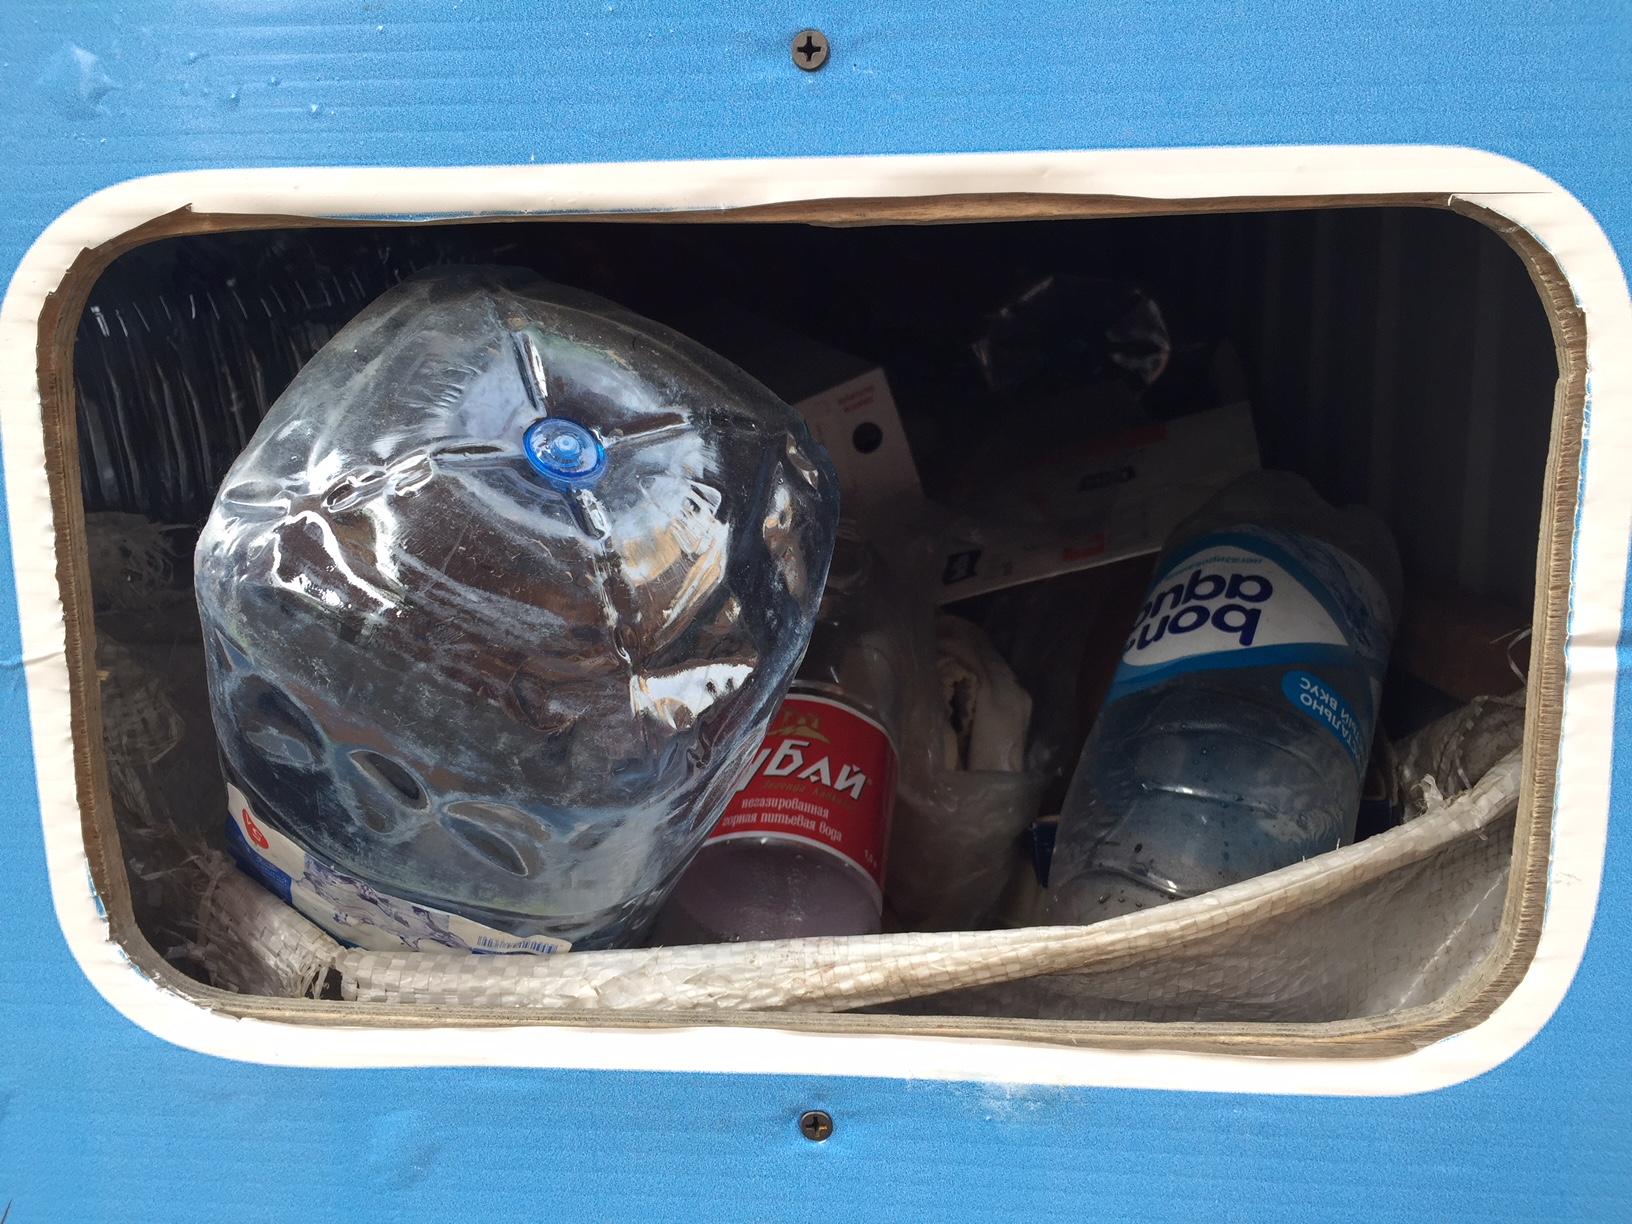 пластик - в контейнере для картона встречается не редко